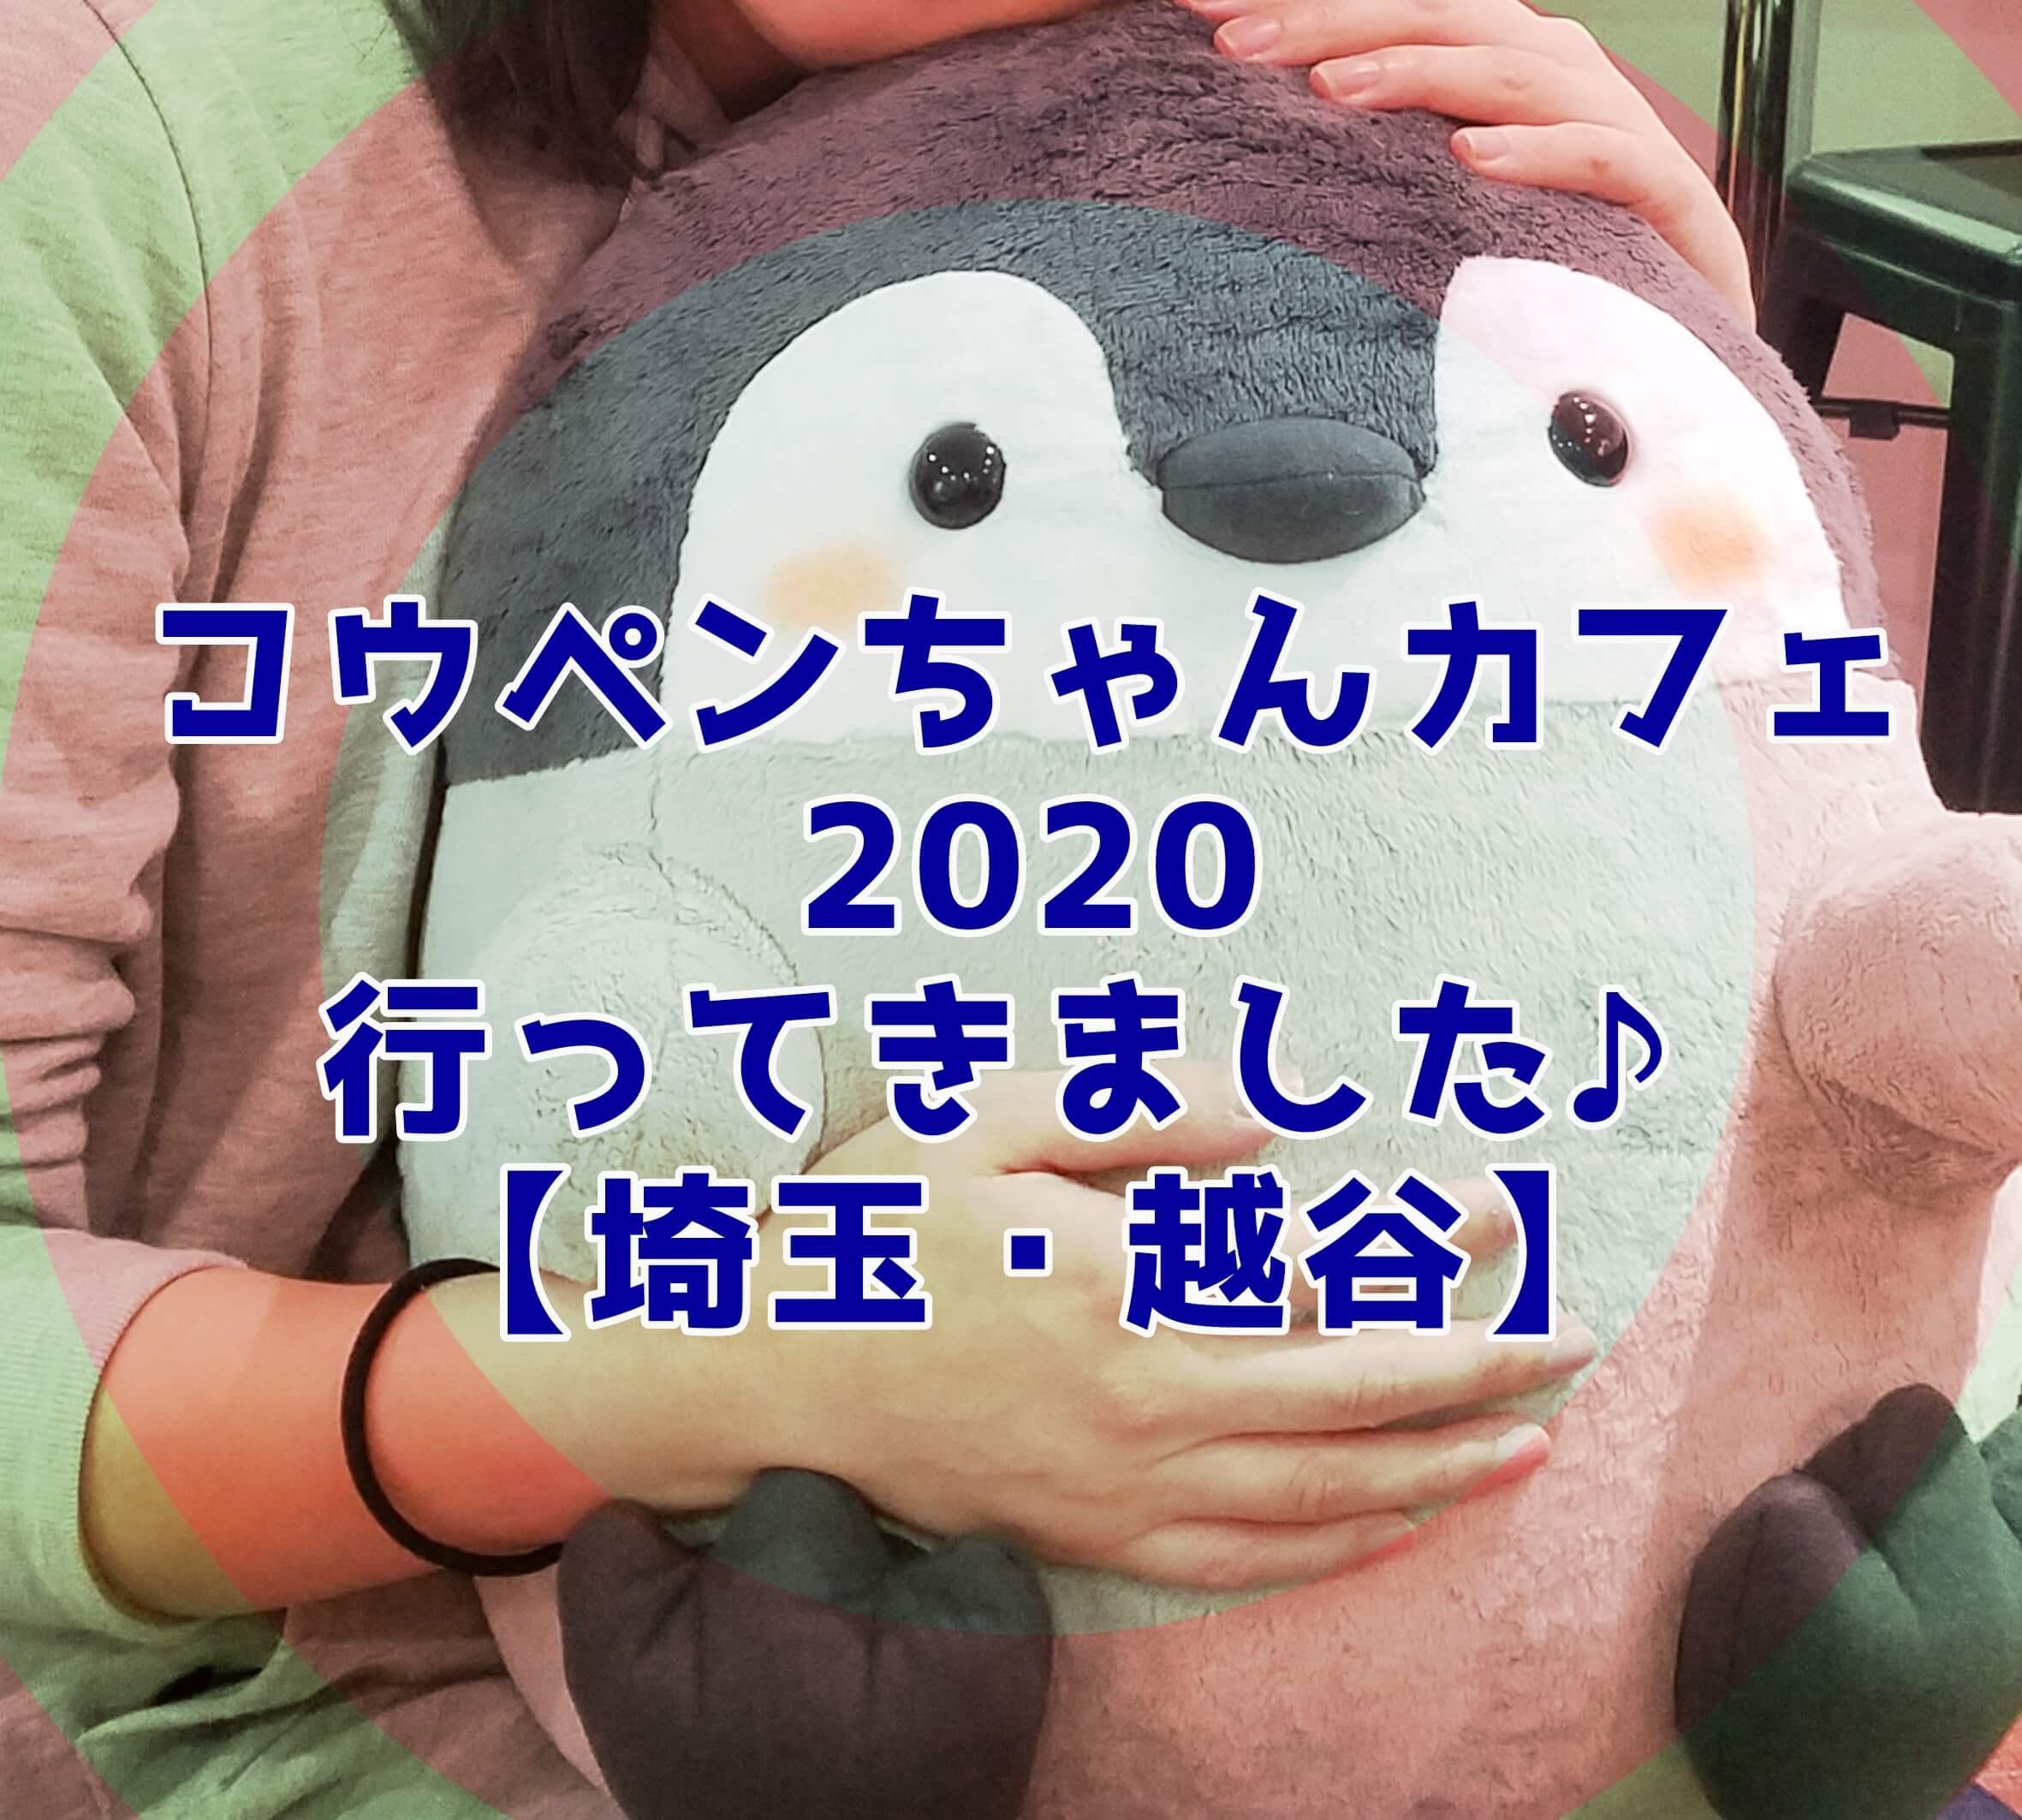 コウペンちゃんカフェ2020アイキャッチ